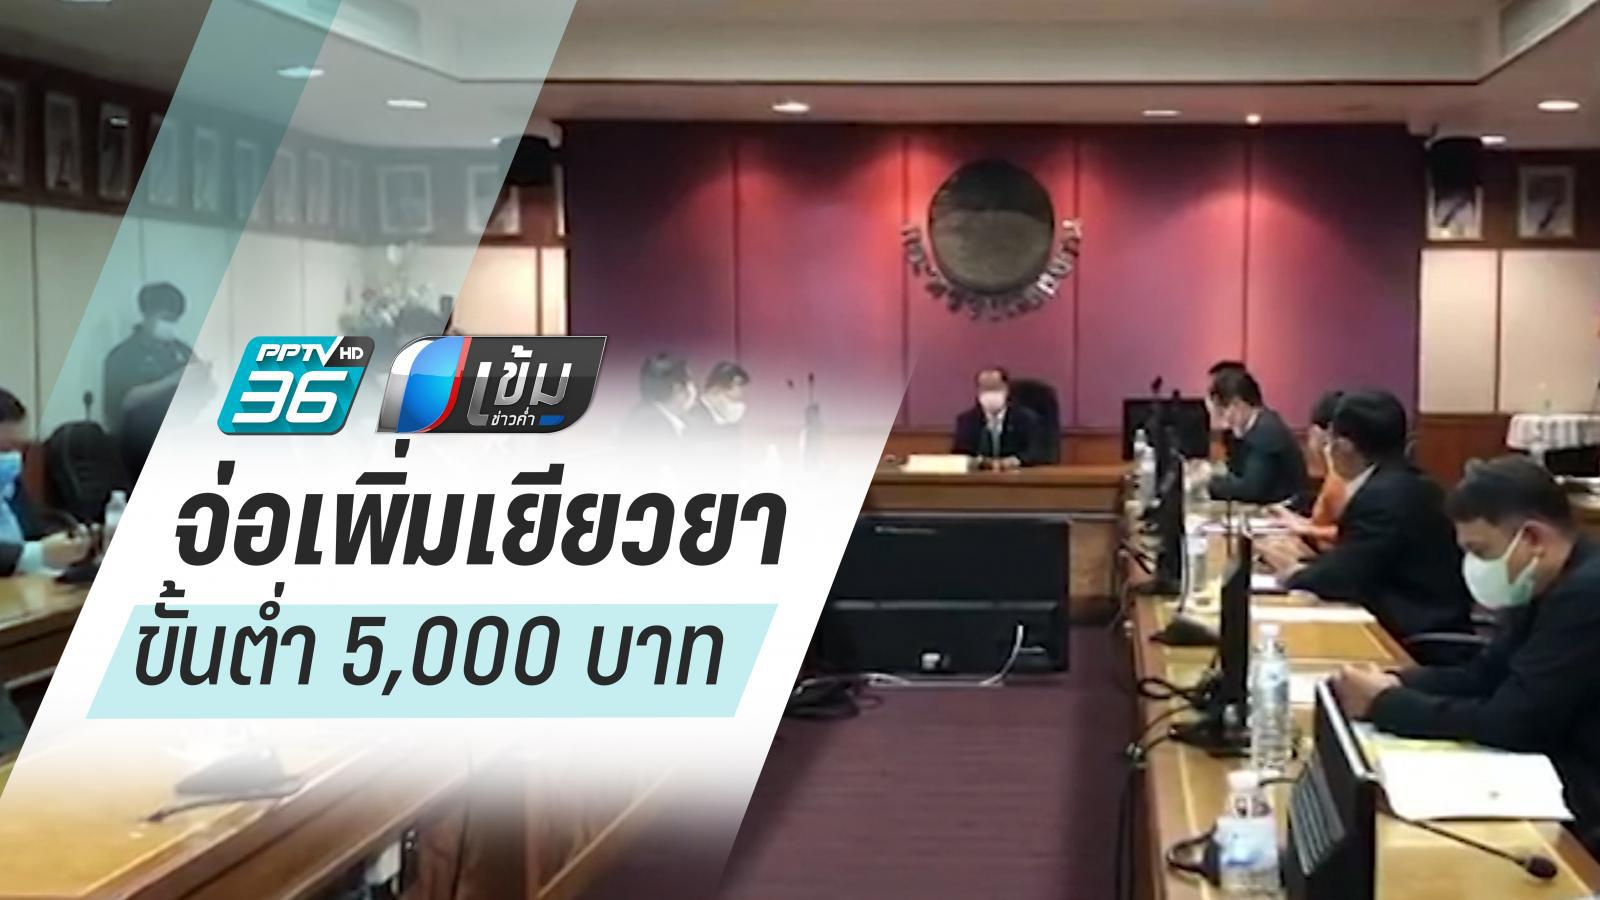 สปส.จ่อเพิ่มเยียวยาขั้นต่ำ 5,000 บาท สู้โควิด-19